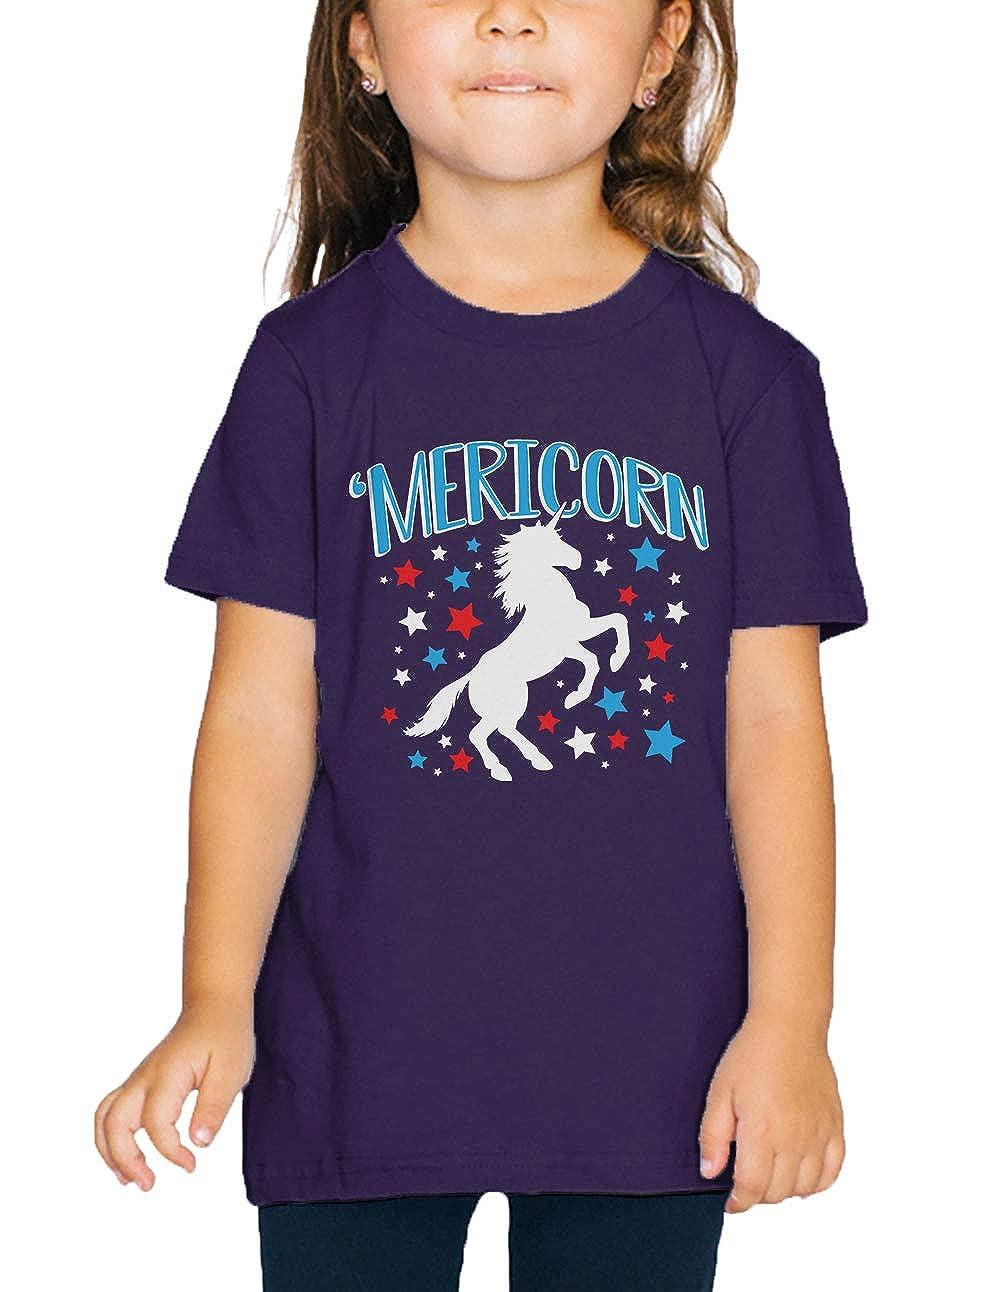 American Unicorn Spirit Animal Toddler T-Shirt SpiritForged Apparel Mericorn